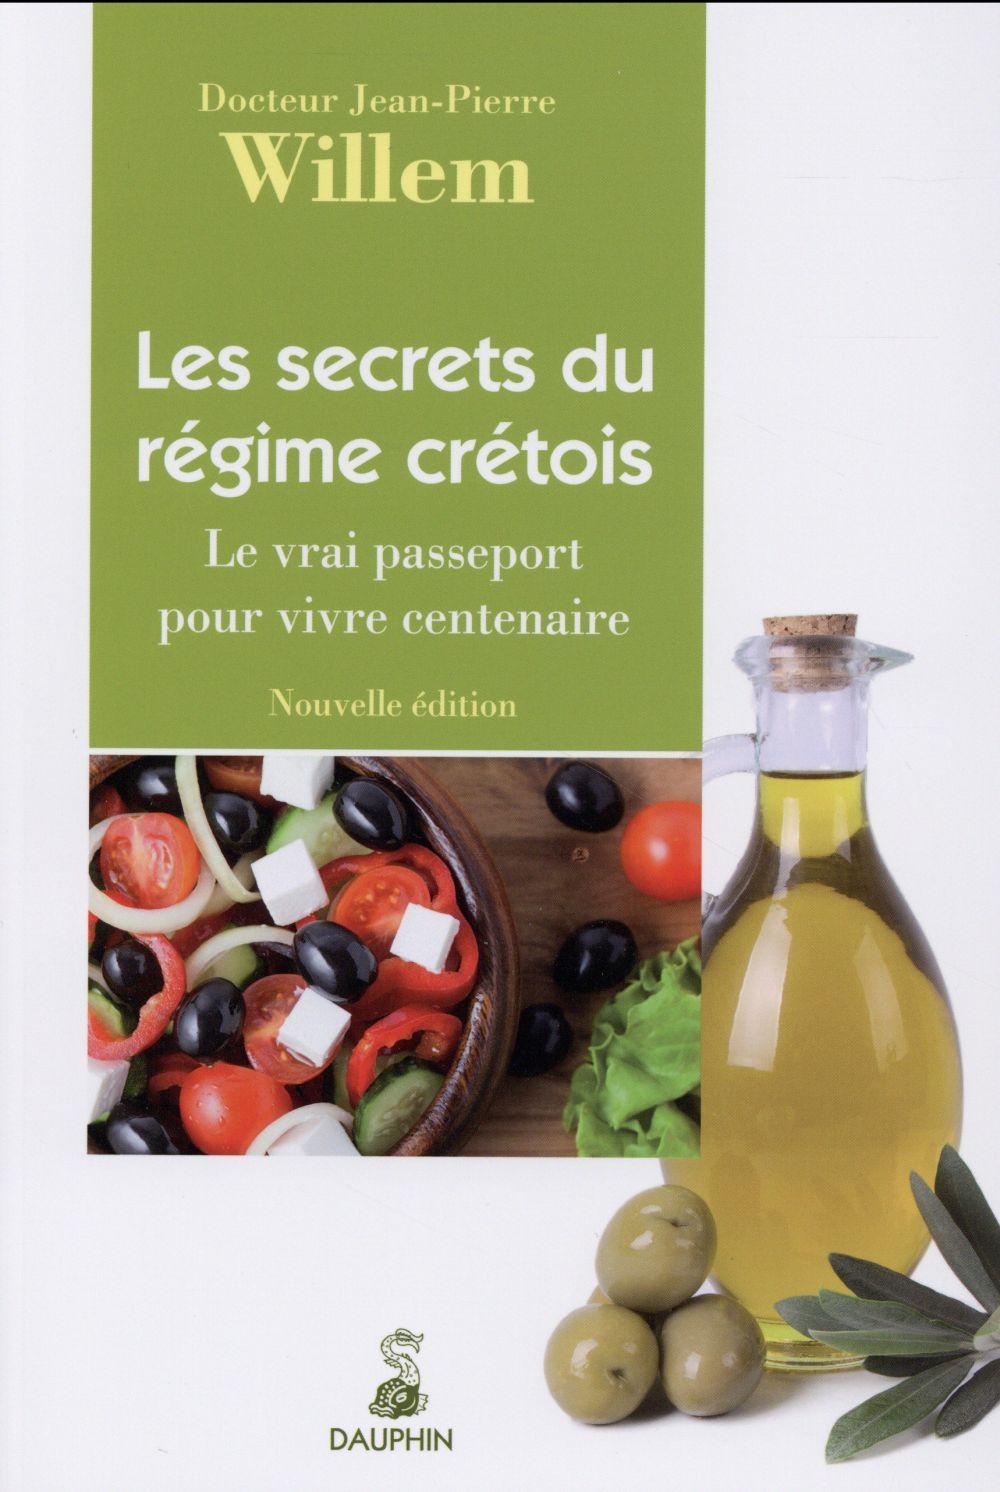 SECRETS DU REGIME CRETOIS - LE VRAI PASSEPORT POUR VIVRE CENTENAIRE